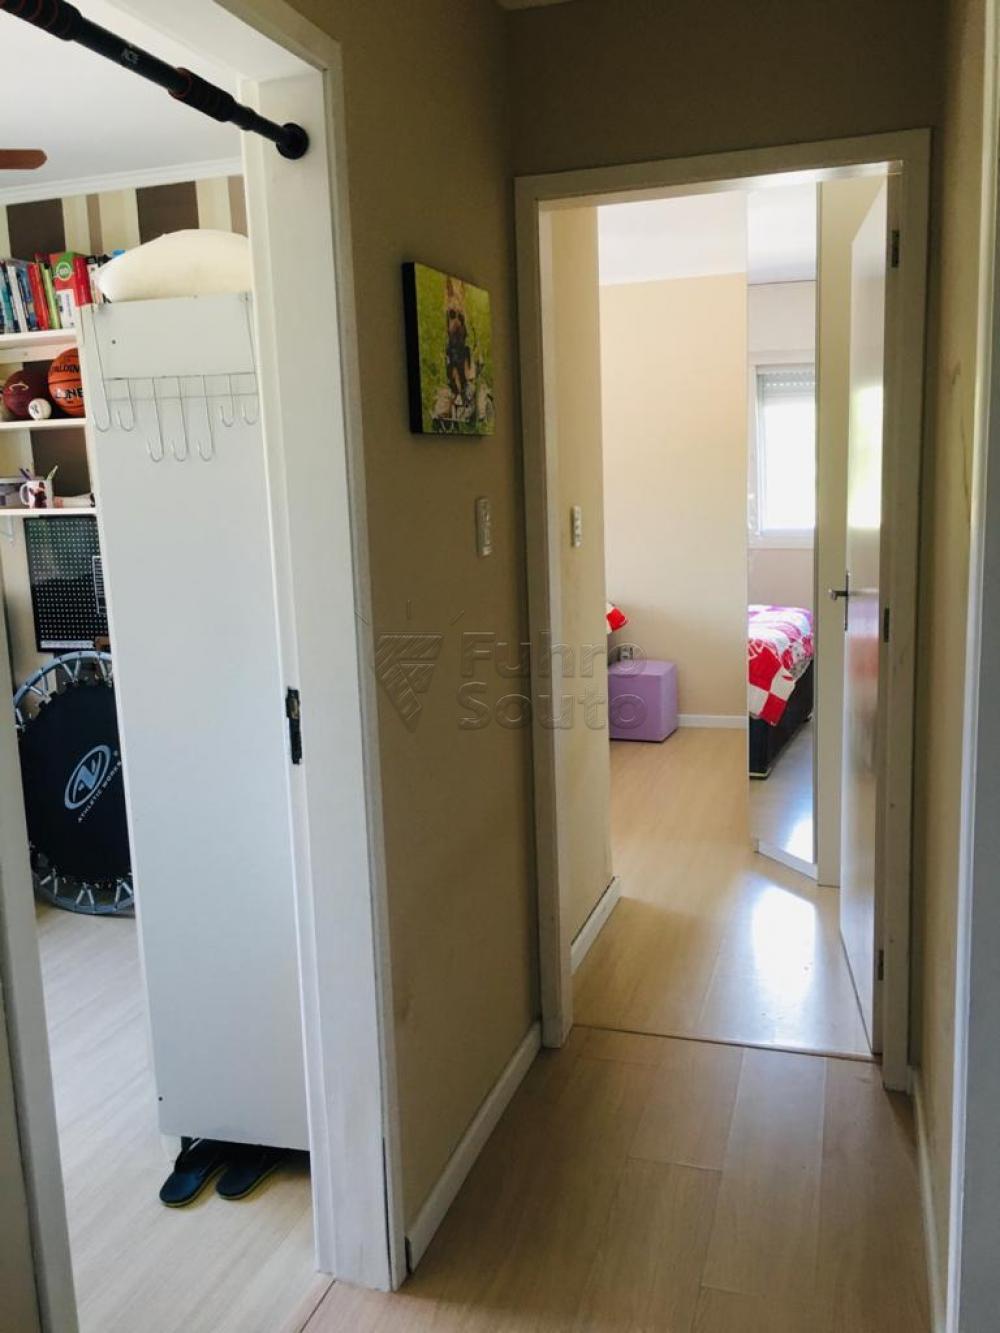 Apartamento térreo, em frente ao Mário Quintana. O imóvel conta com 2 dormitórios, sala com lareira, sacada fechada em vidro e churrasqueira, cozinha, banheiro social e vaga de garagem. Todo reformado, piso em porcelanato e flutuante e com móveis planejados.